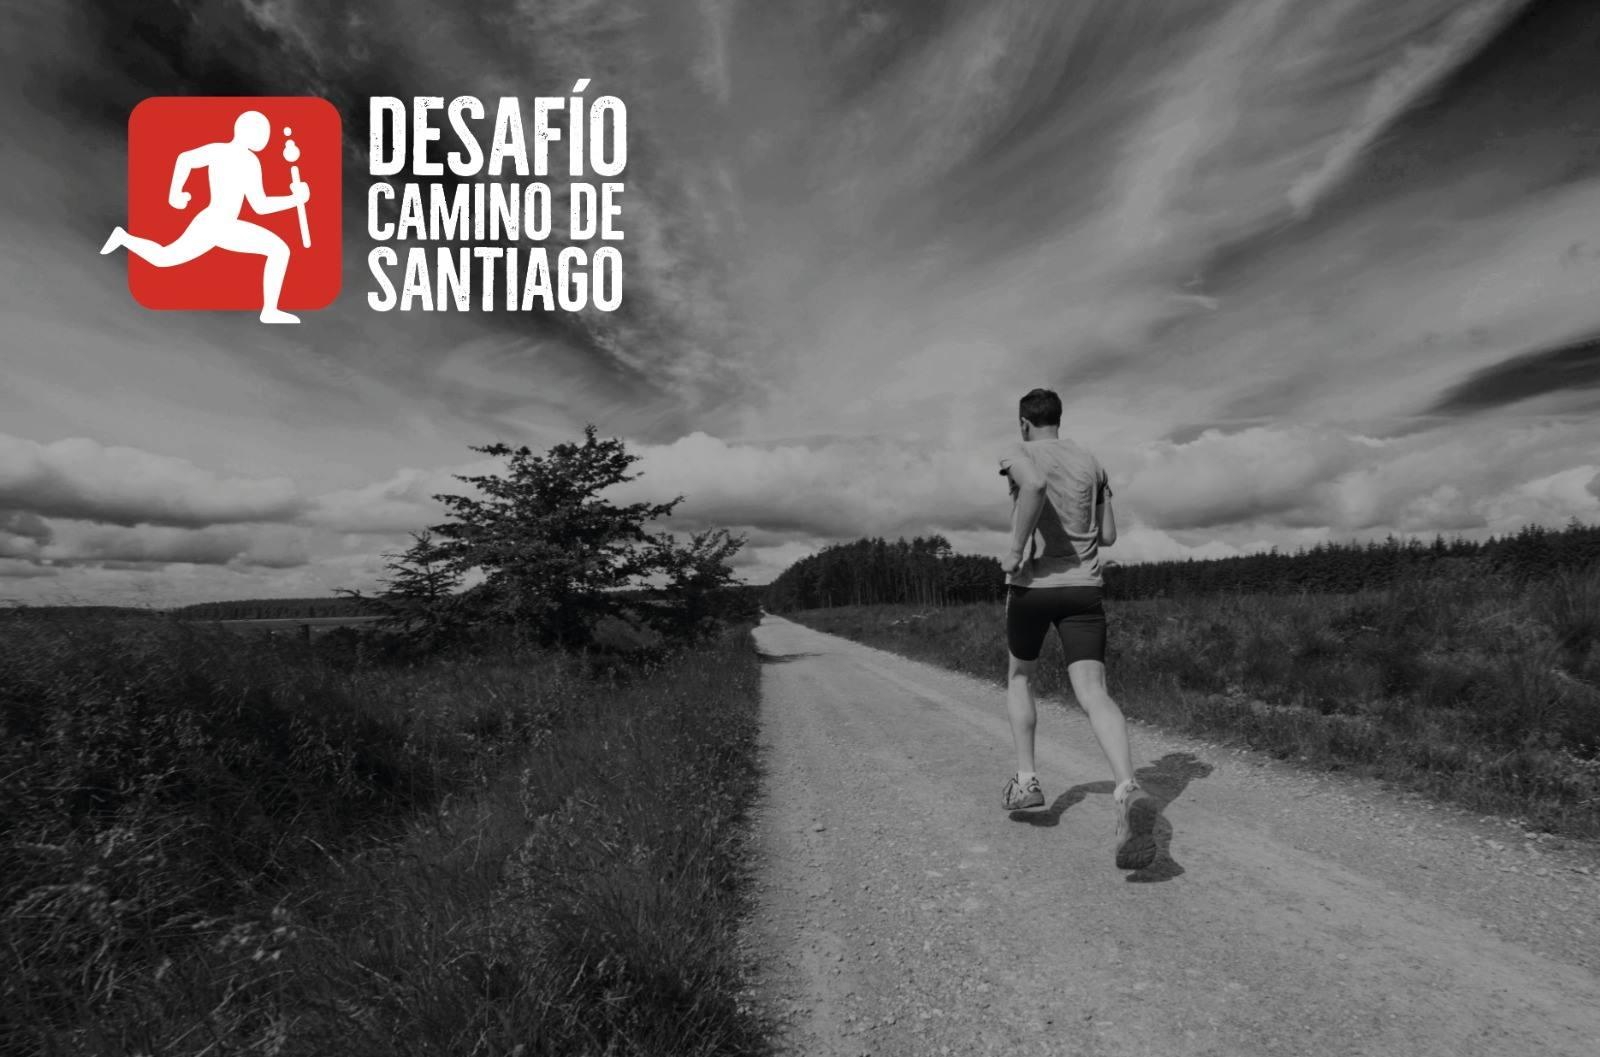 Desafío Camino de Santiago